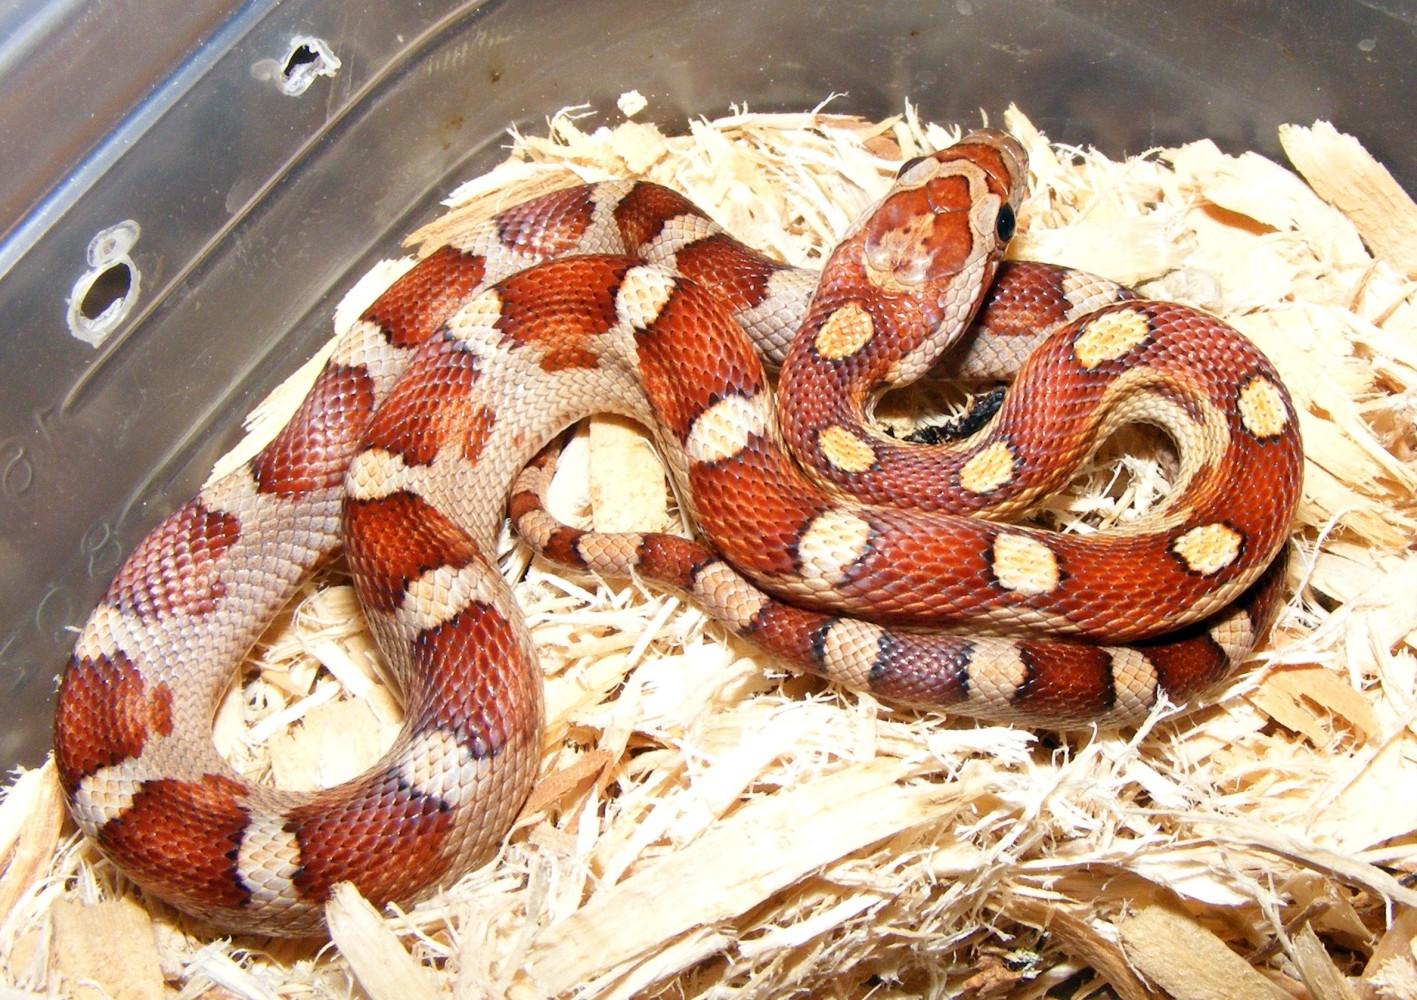 Motley Corn Snake hatchling